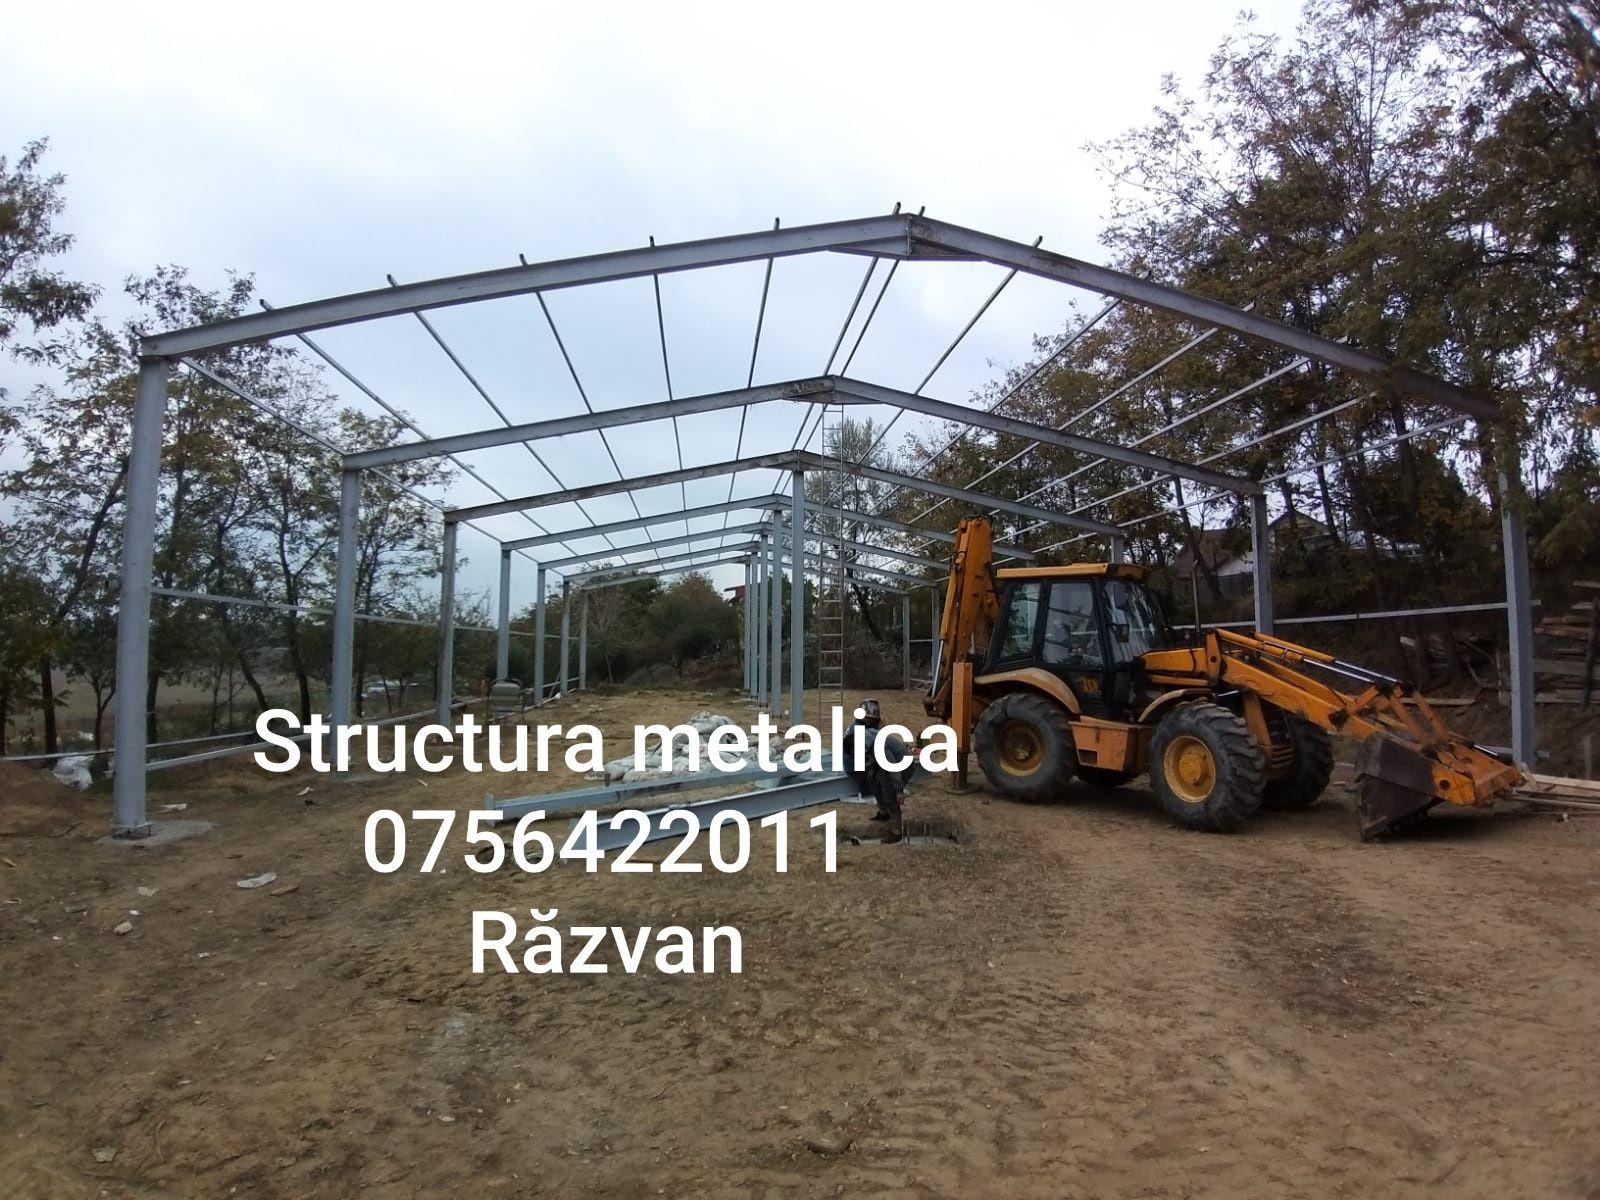 Vand structura metalica 14m×30×5m